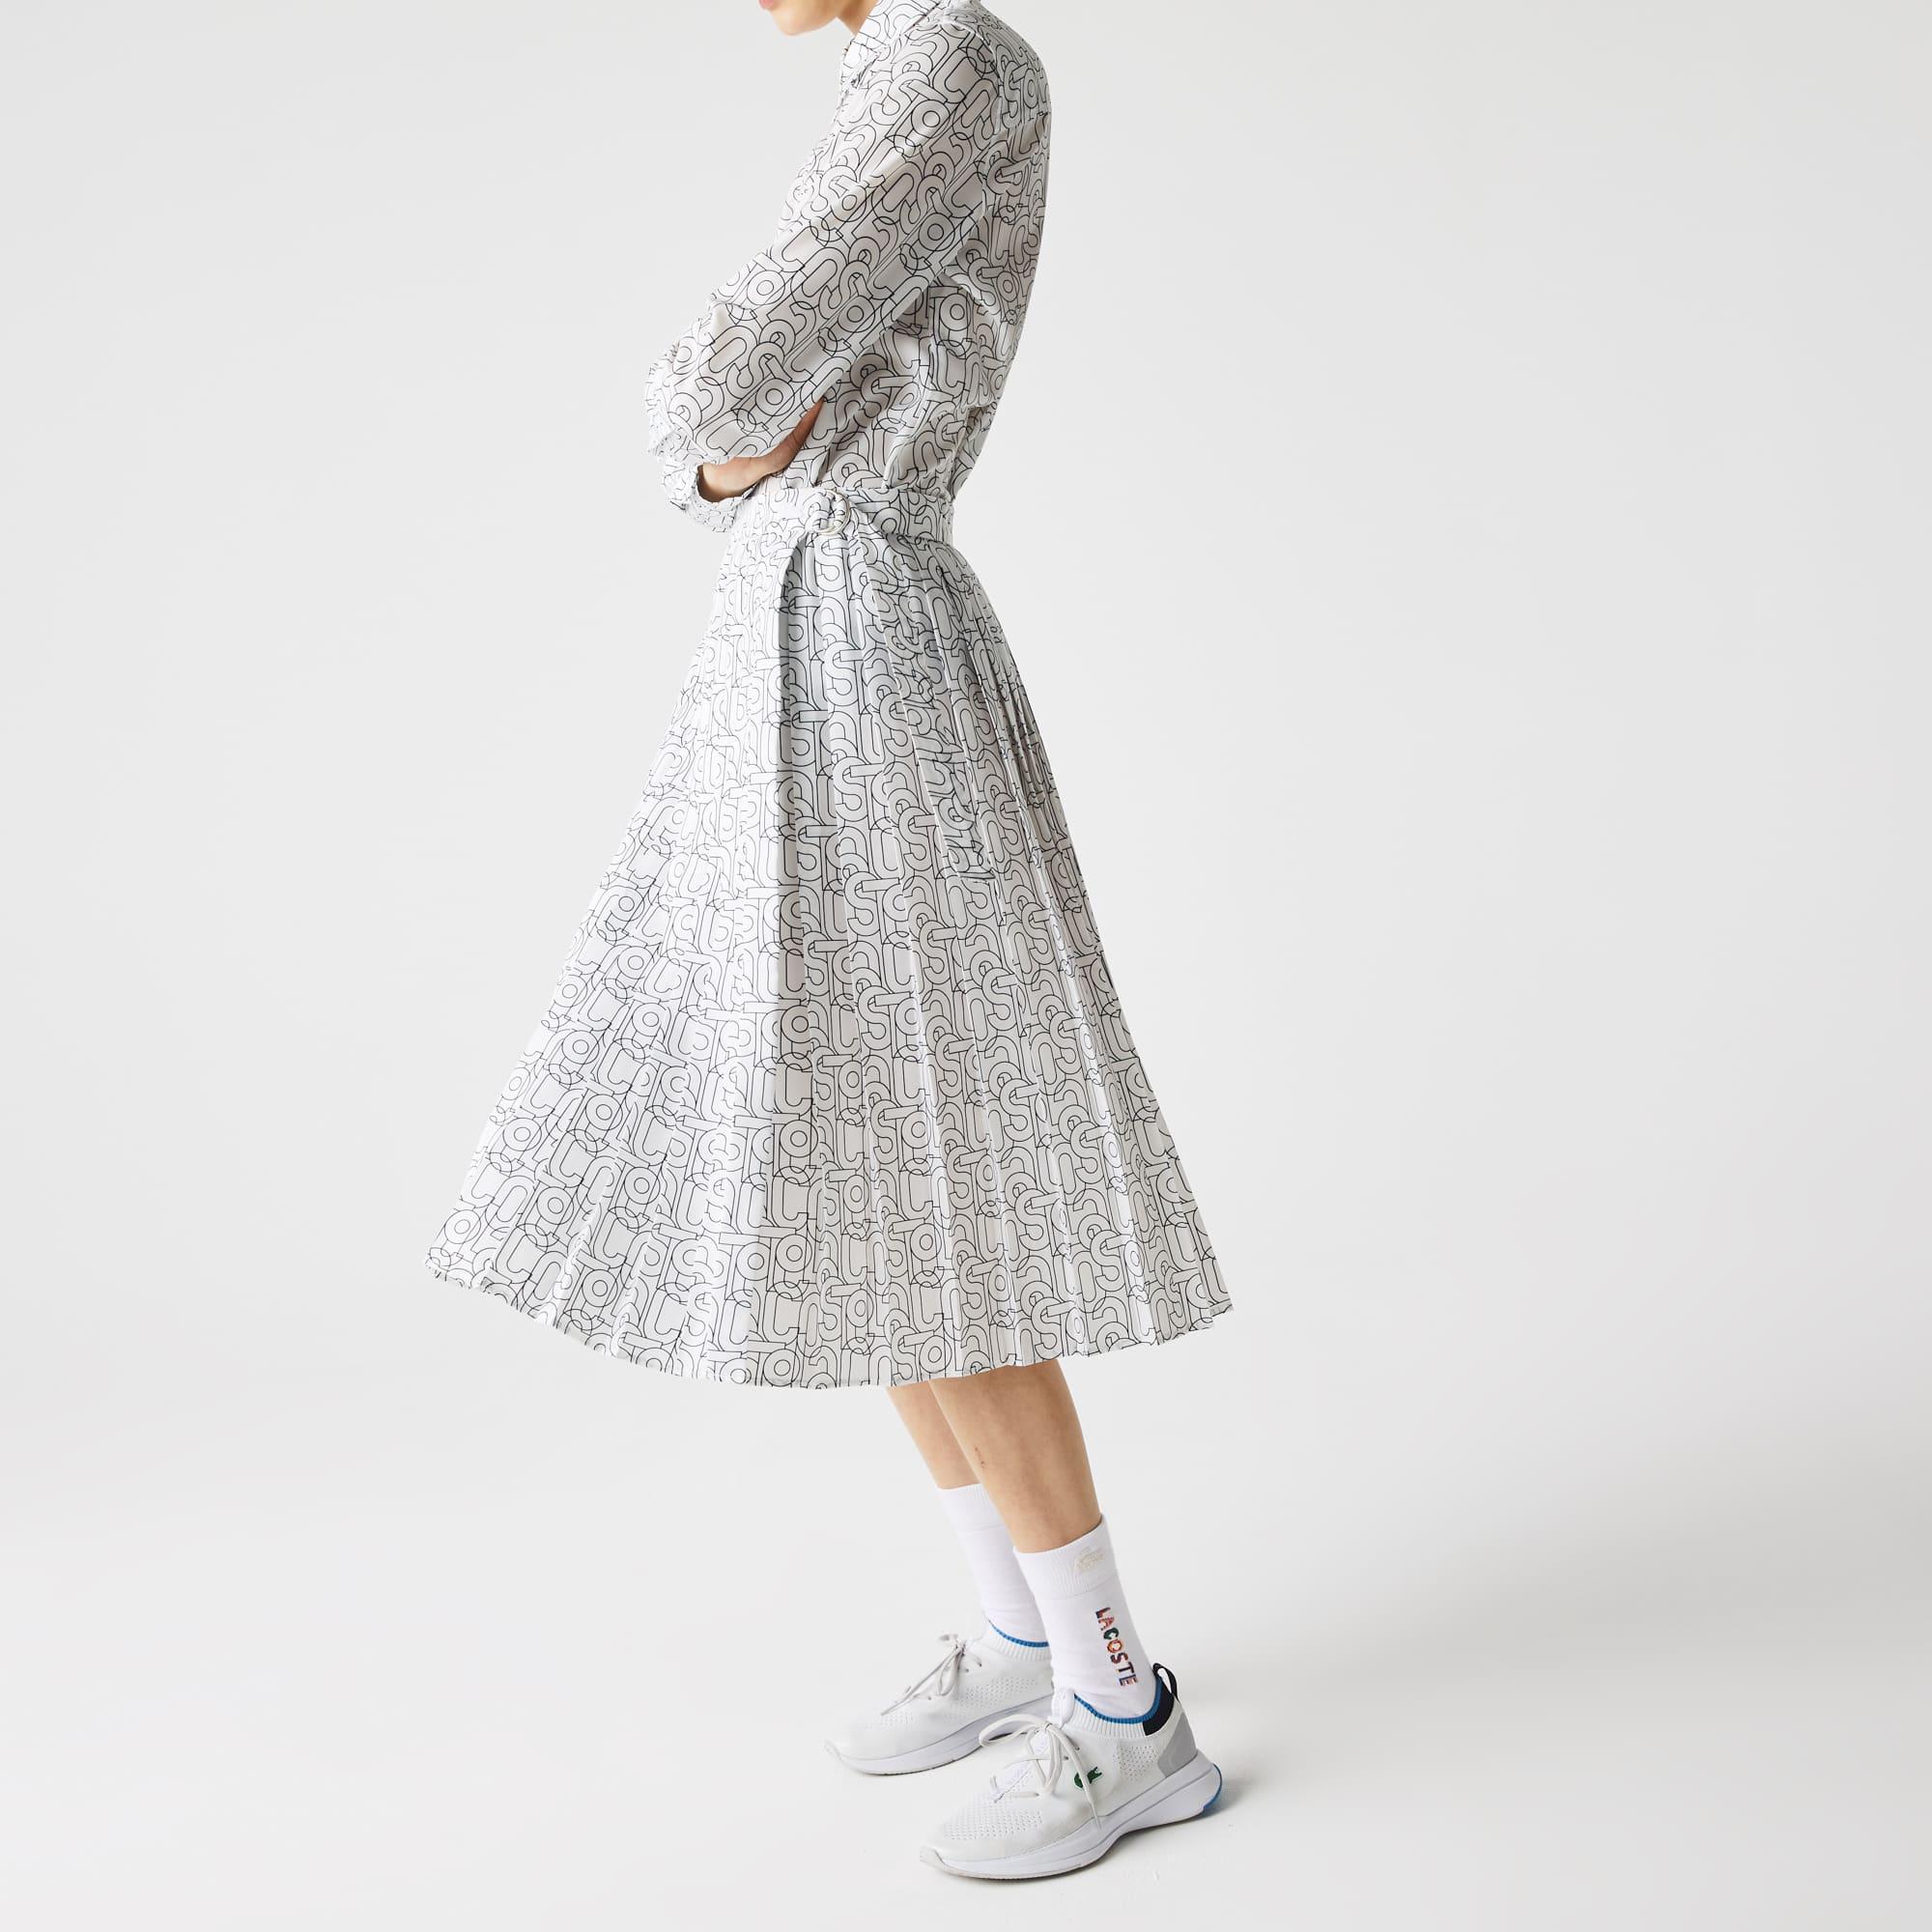 라코스테 스커트 Women's Lacoste Patterned Flowy Mid-Length Pleated Skirt,White / Navy Blue EZ6